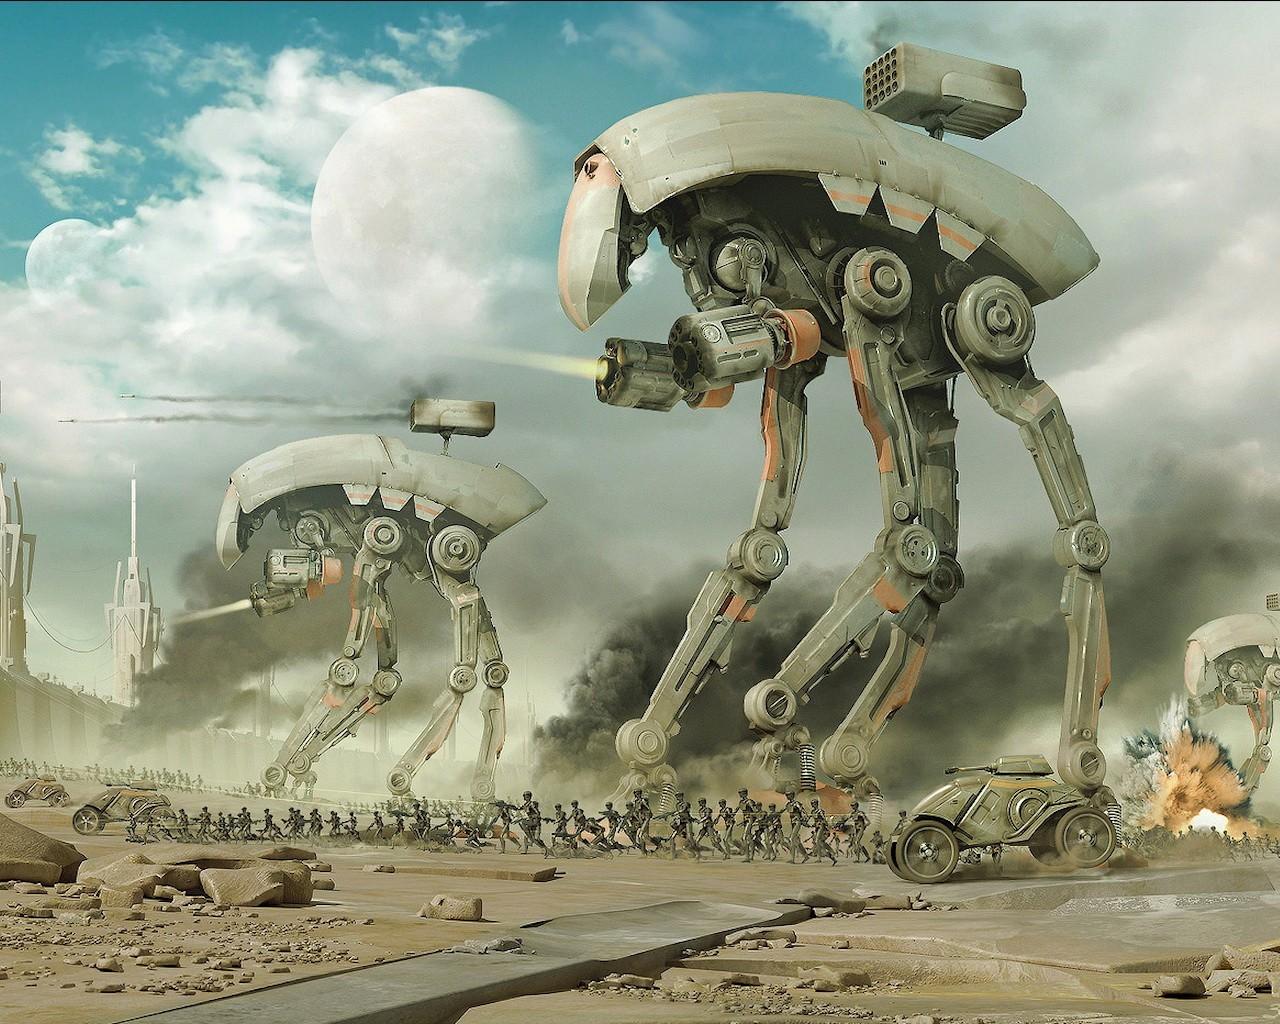 инопланетные роботы картинки нас